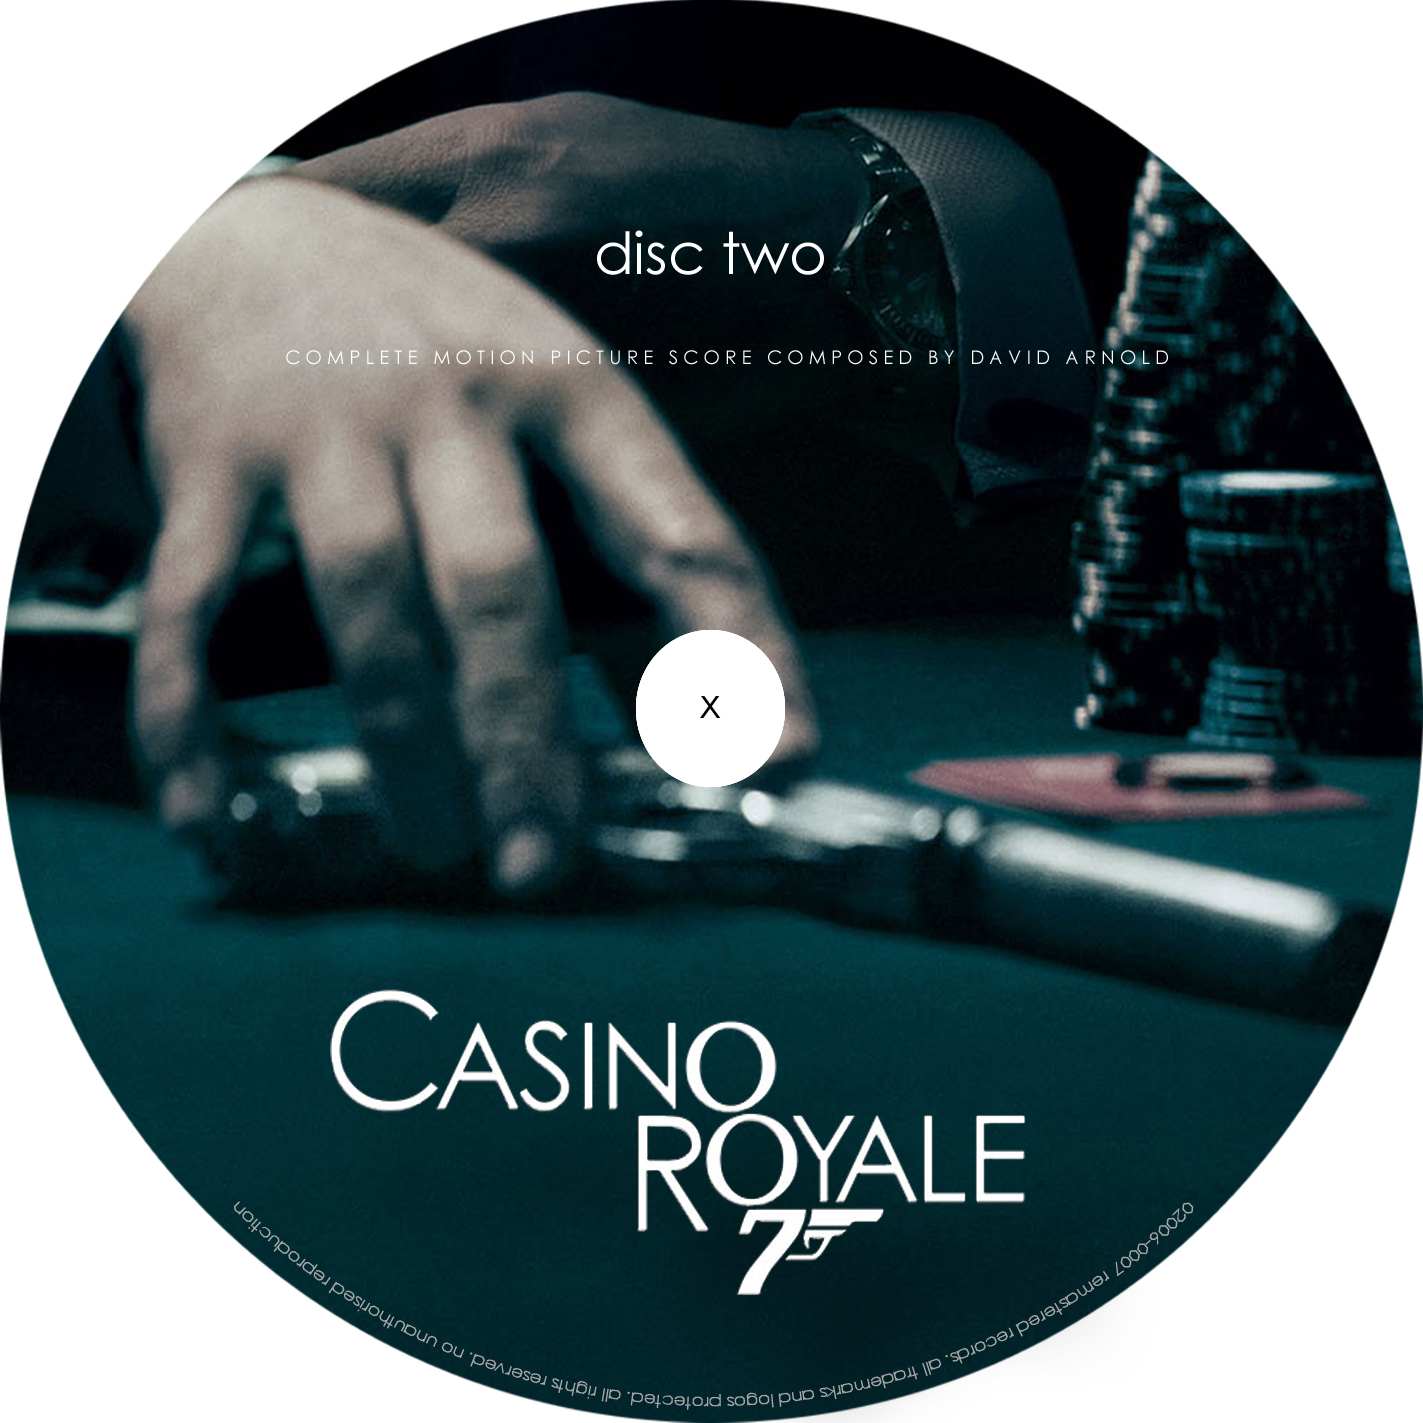 casino royale online watch spielcasino online spielen